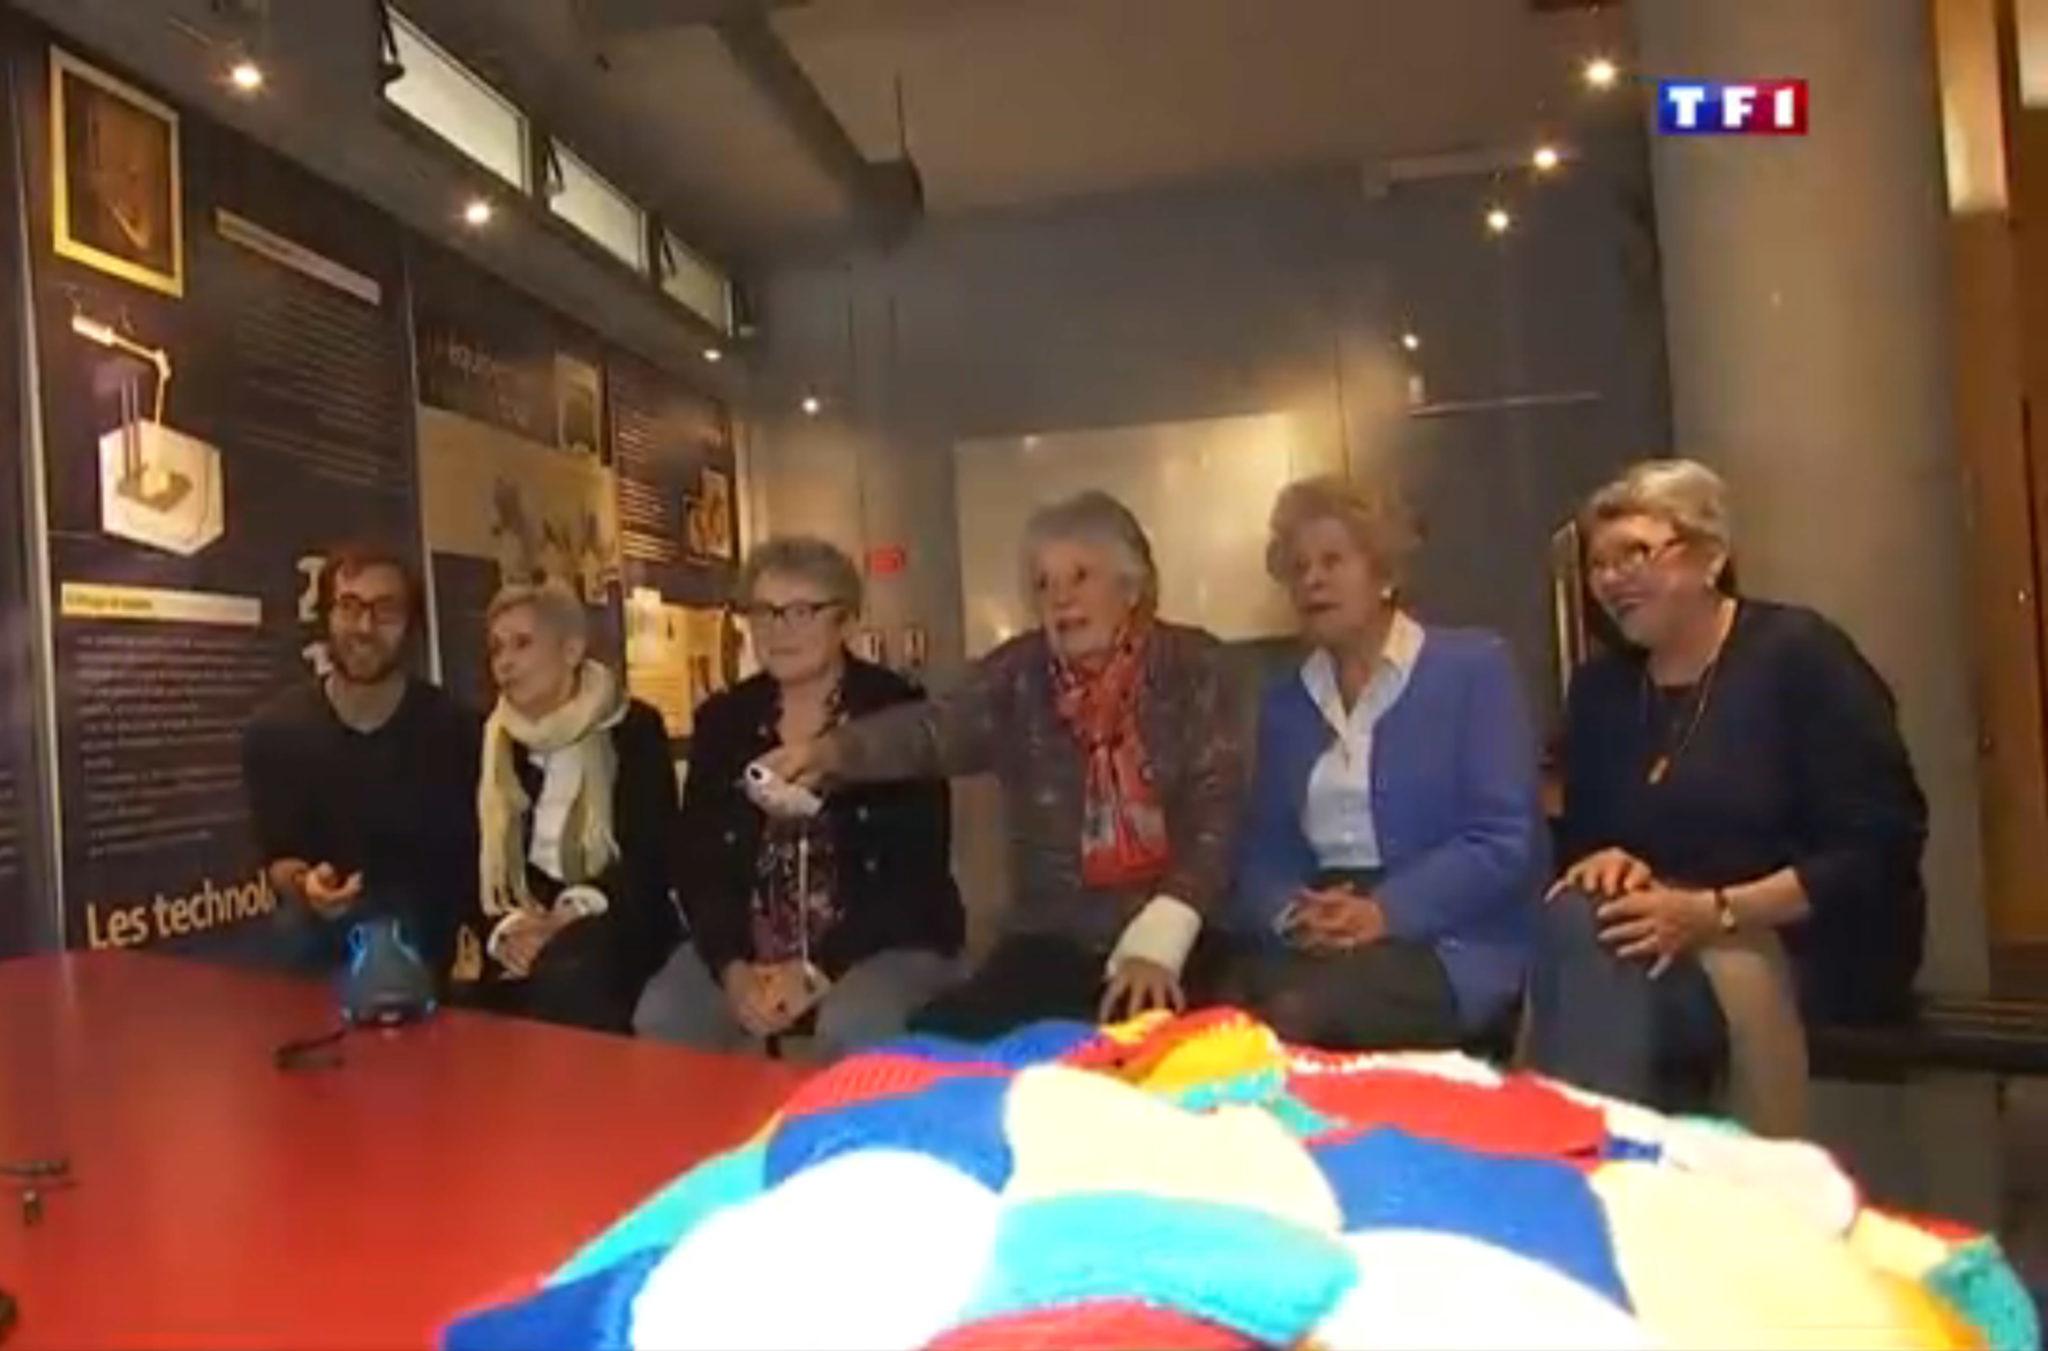 La clique des mamies connectées sur TF1